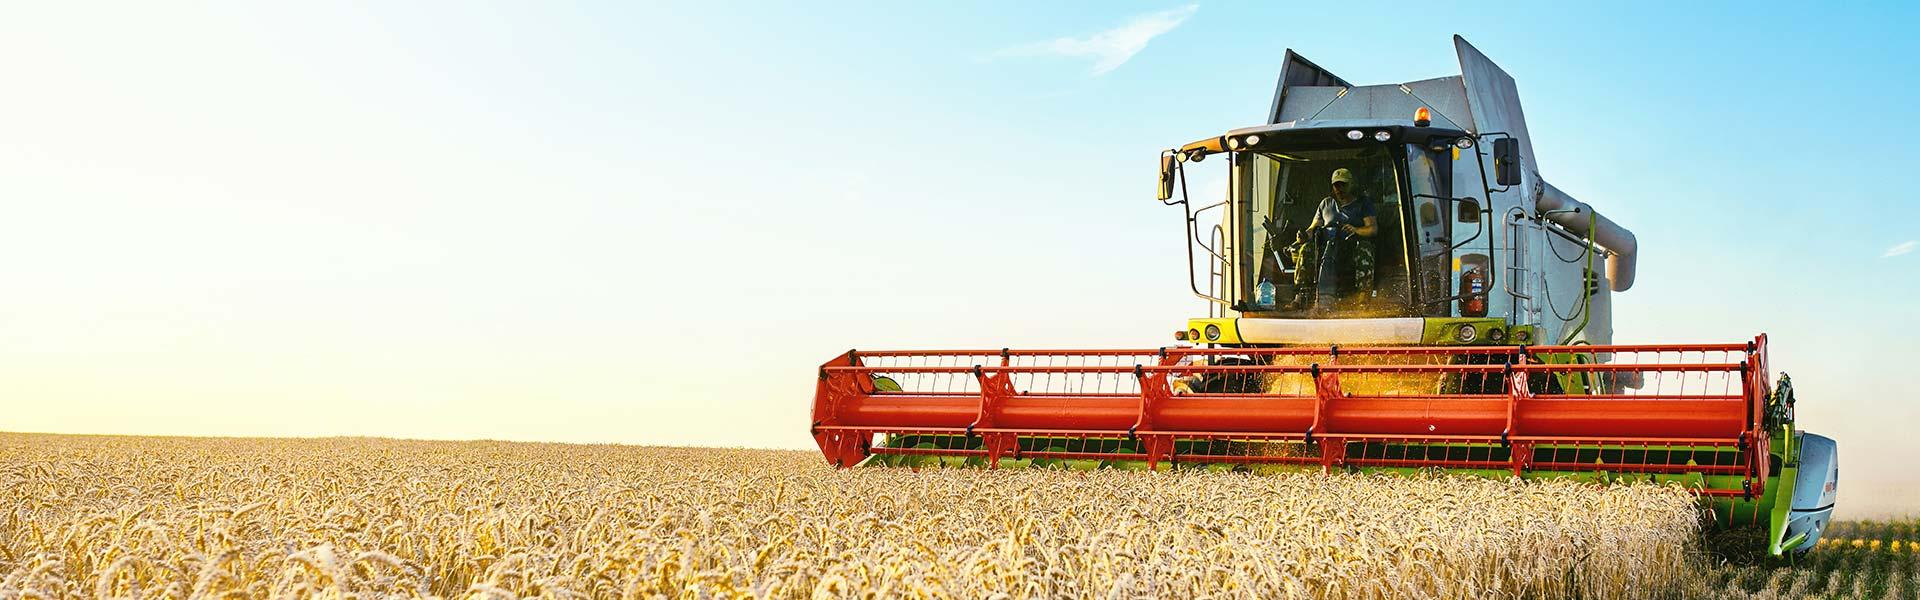 Pasaulinio lygio augalų apsaugos produktų ir kitų agrocheminių medžiagų gamintojas.